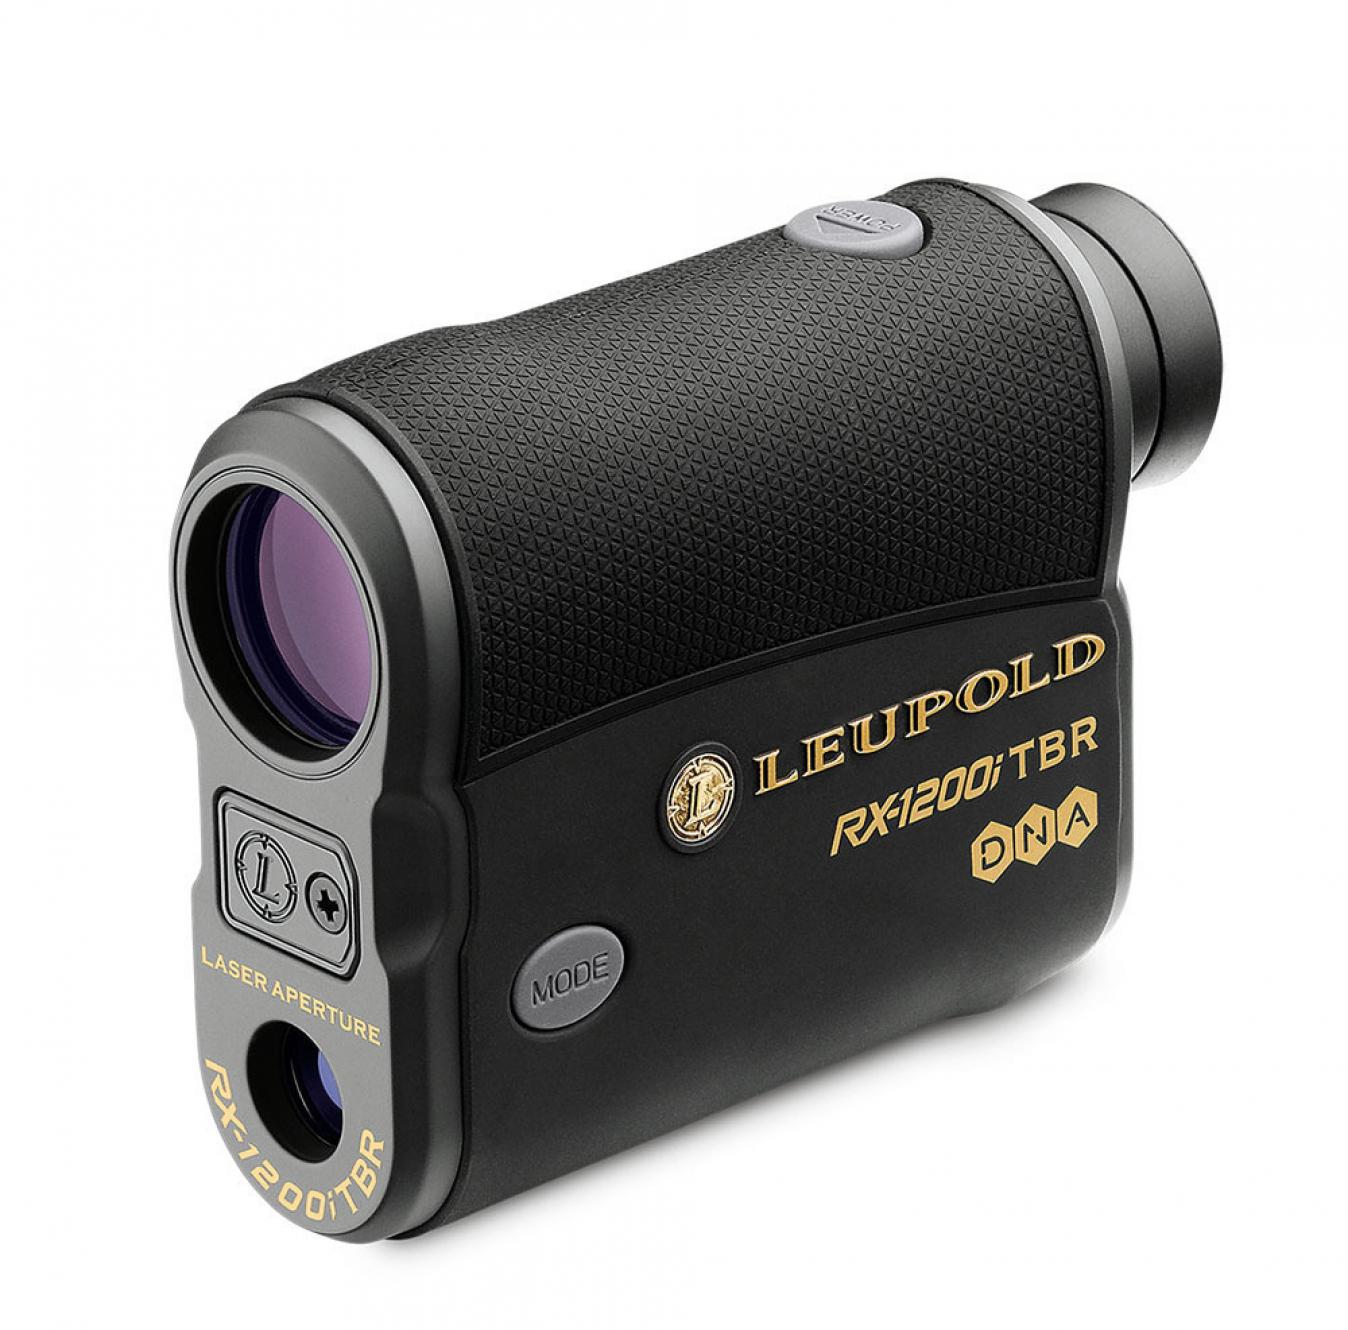 Rx 1200i Tbr With Dna Digital Laser Rangefinder